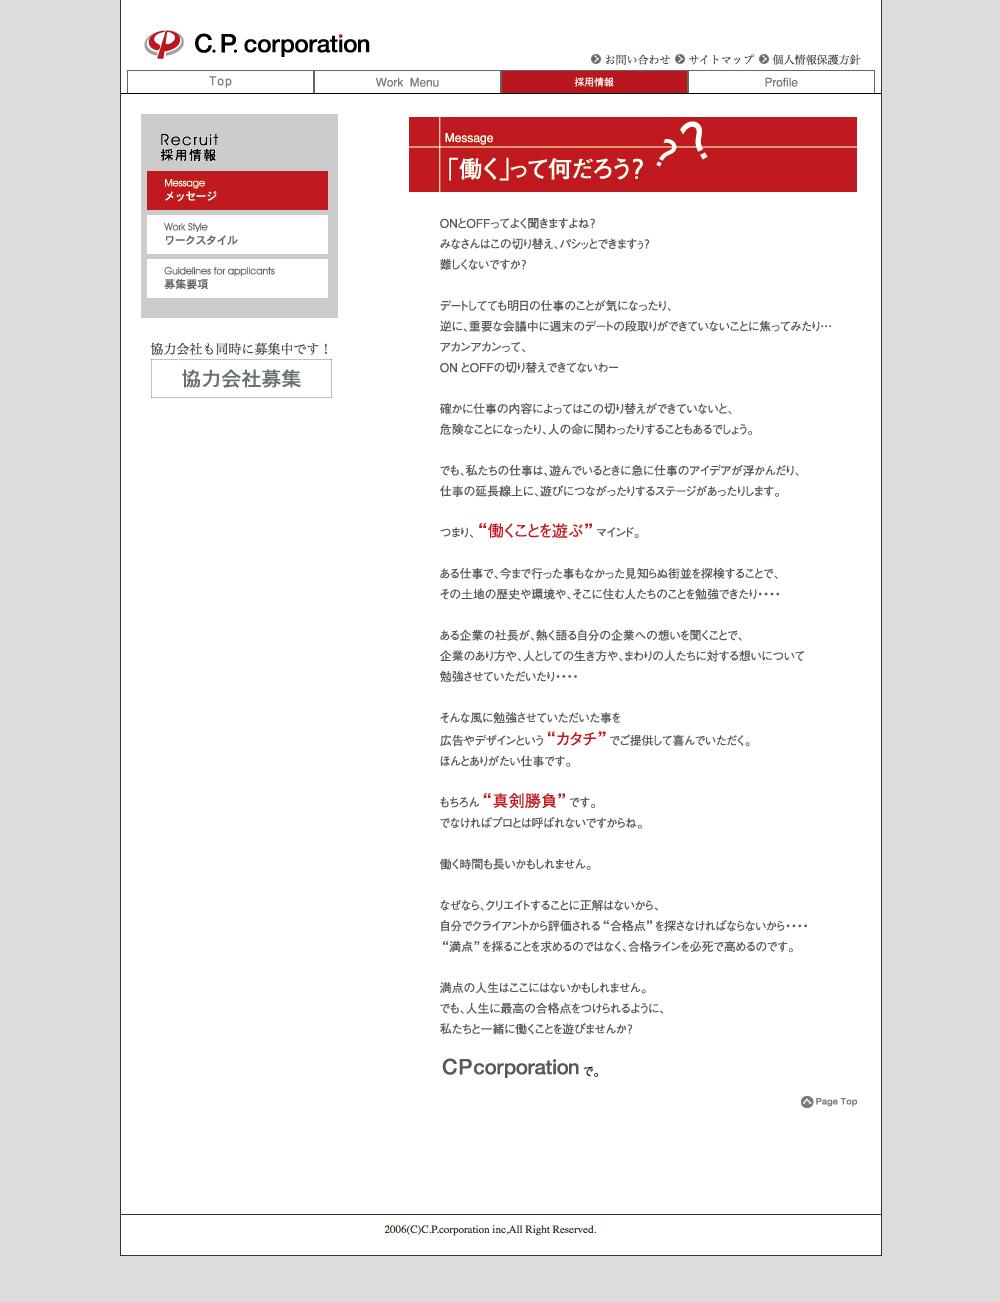 ホームページ 企業メッセージ